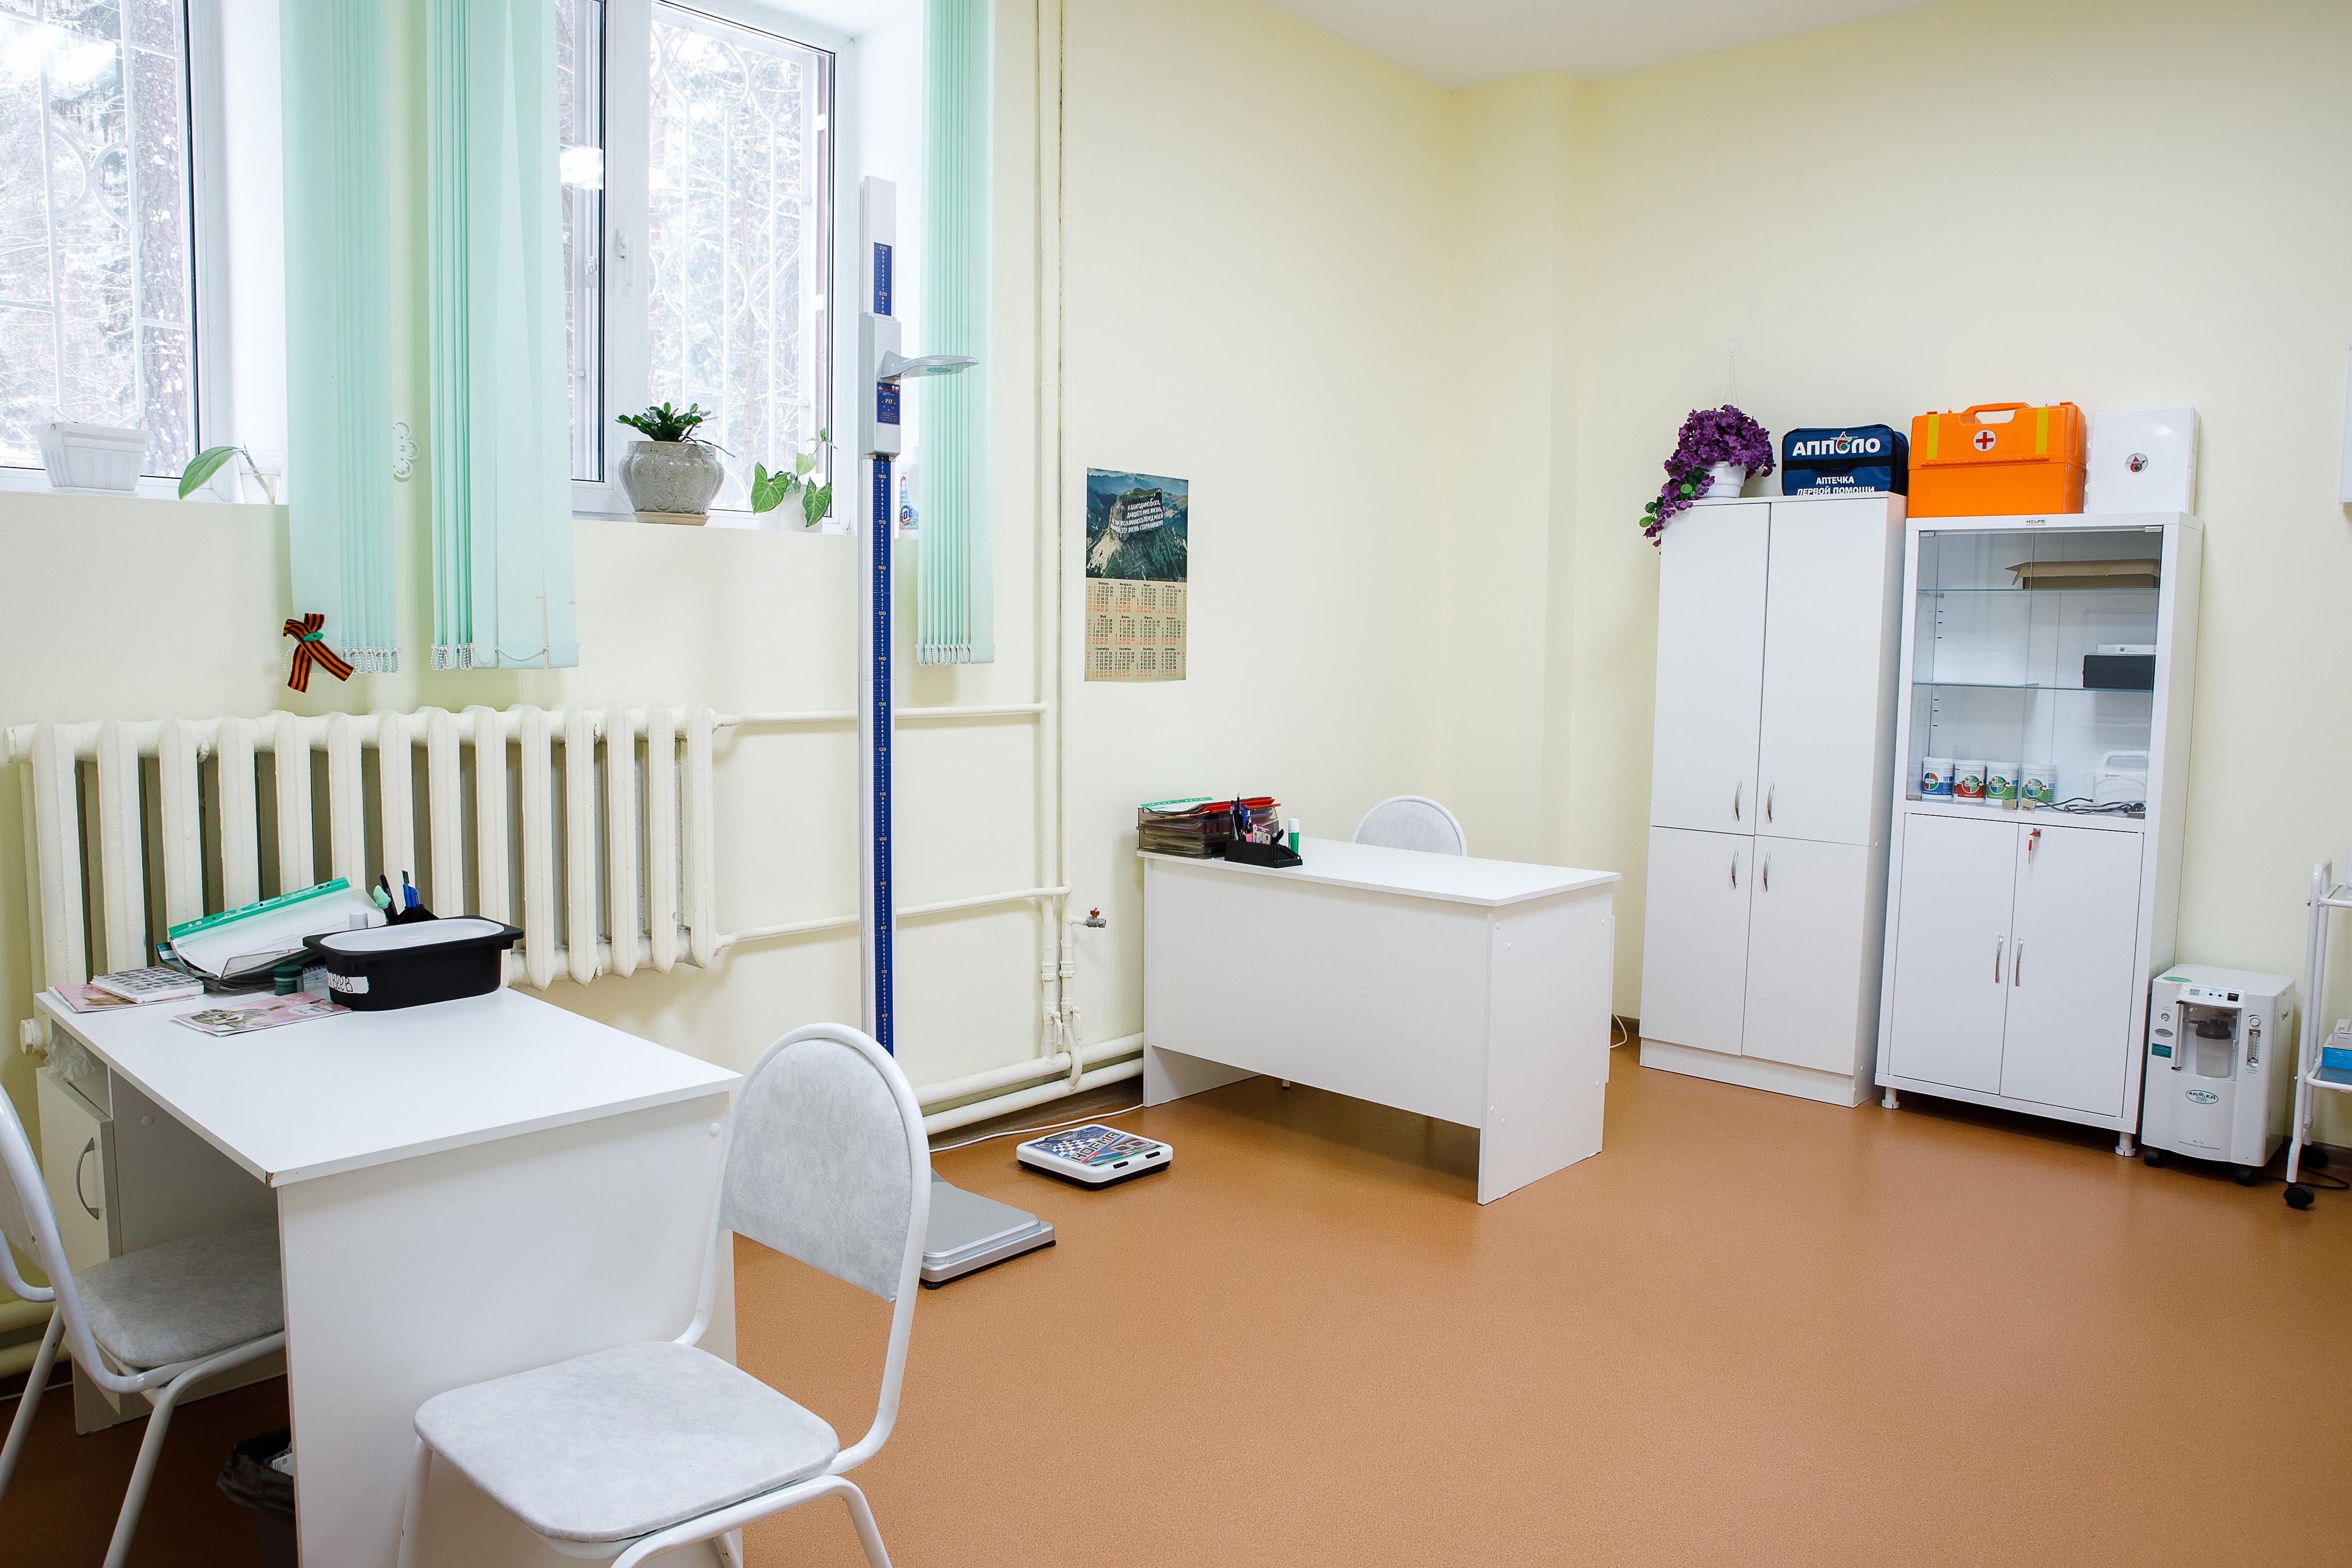 Пансионат для пожилых в малаховке московской области город донецк дома престарелых